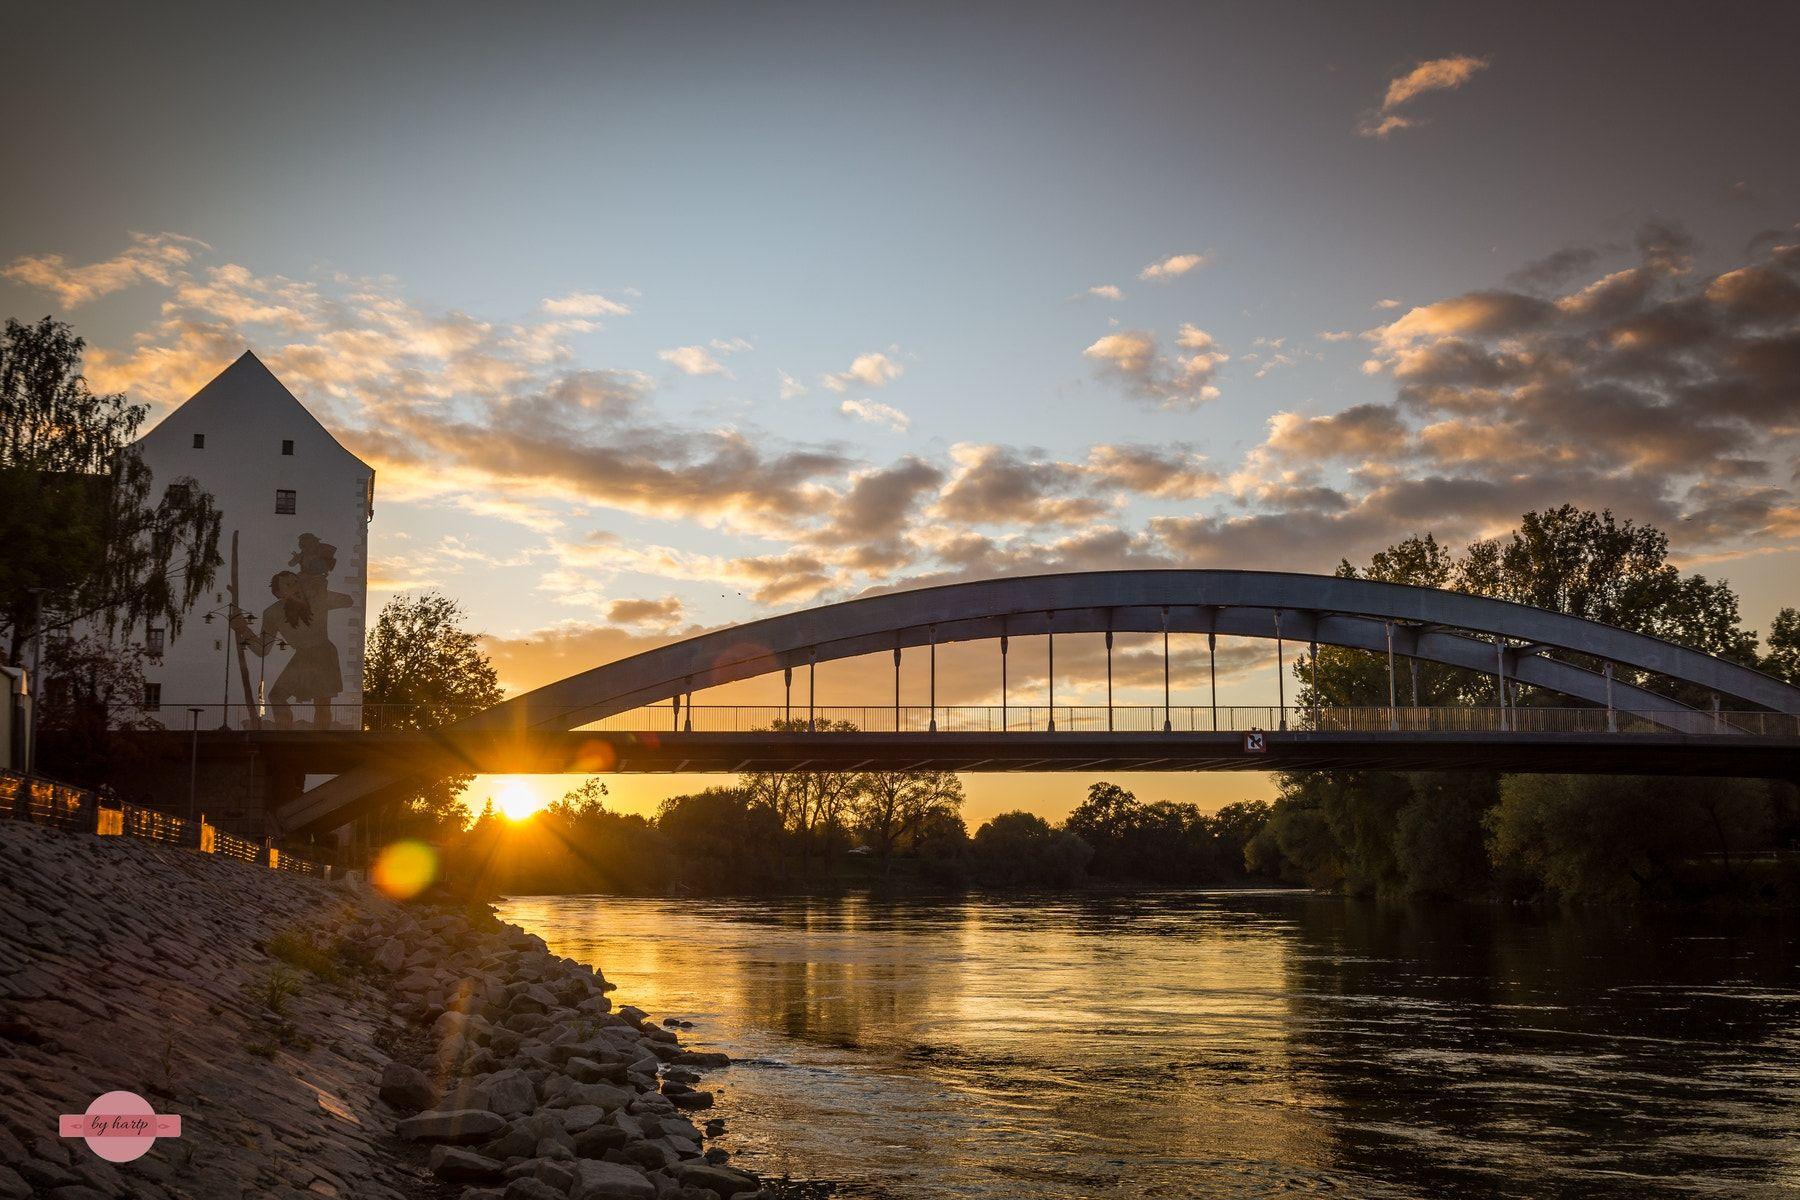 Herbstsonne Die Herbstsonne Scheint Uber Der Donau In Straubing The Autumn Sun Shines Above The Danube In Straubing Herbst Sonne